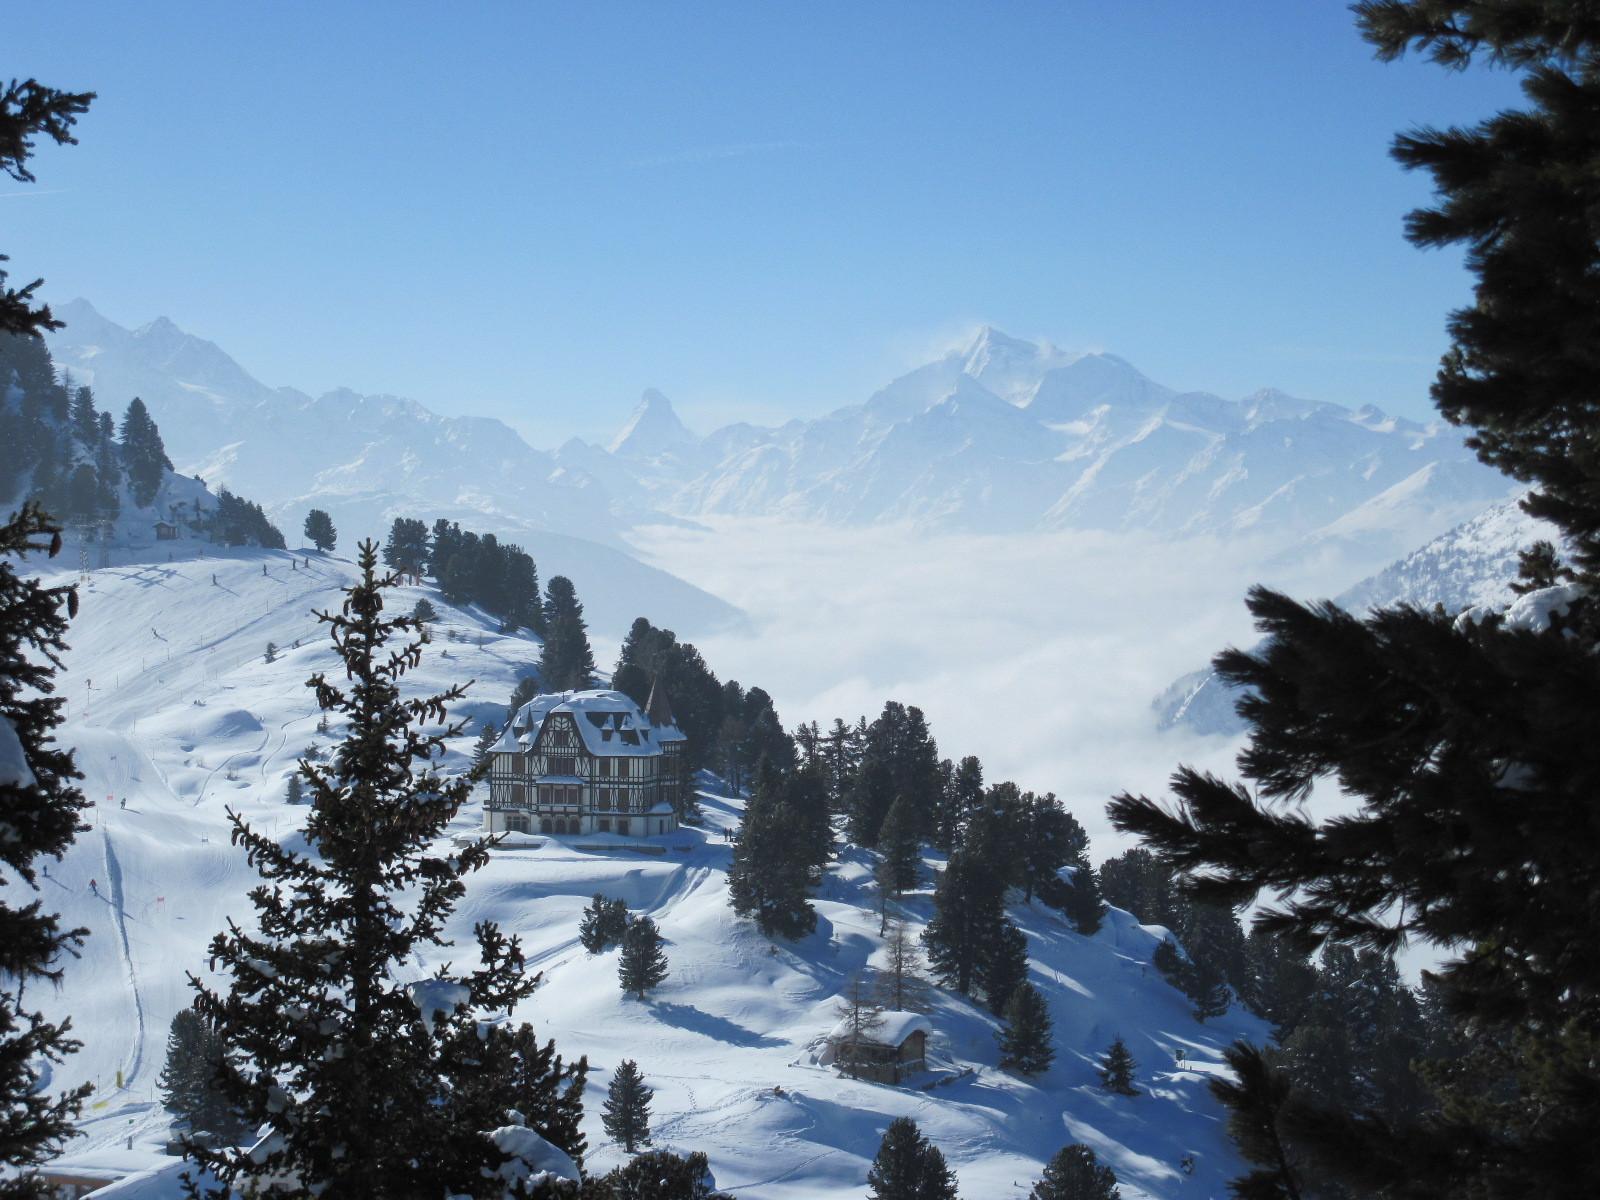 Riederfurka mit Villa Cassel und im Hintergrund das Matterhorn